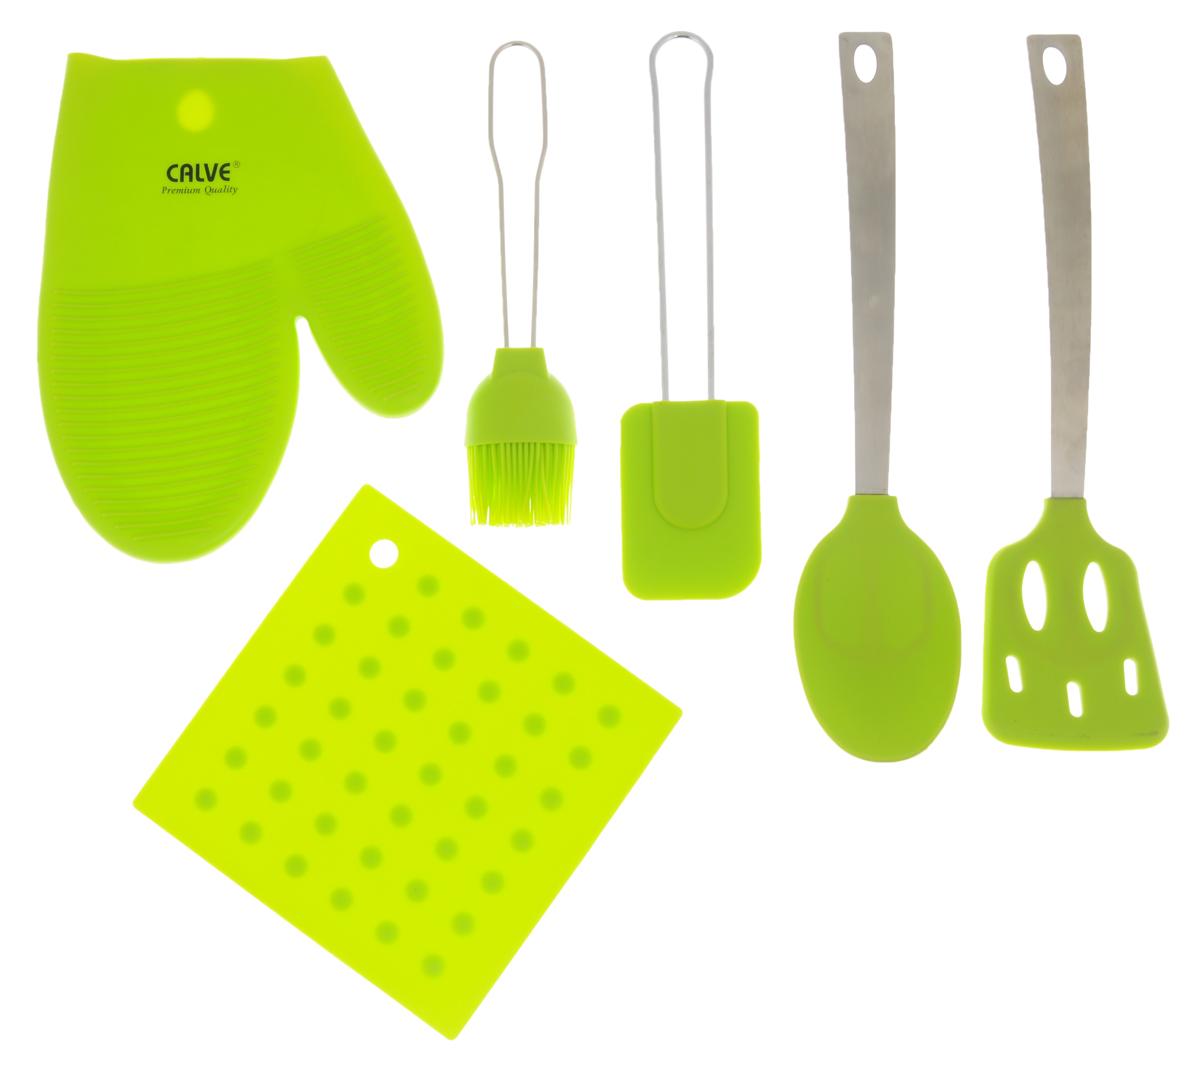 Набор кухонных принадлежностей Calve, цвет: салатовый, 6 предметов54 009312Набор кухонных принадлежностей Calve включает в себя: силиконовую подставку под горячее, прихватку-варежку, шумовку, ложку, лопатку и кисточку.Рабочая поверхность приборов выполнена из силикона- безопасного для продуктов питания материала. Силикон устойчив к перепадам температуры от -40°C до +230°C, практичен при хранении за счет гибкости. Ручки выполнены из нержавеющей стали. Лопатка и ложка снабжены специальными отверстиями, благодаря которым, вы сможете их подвесить в любое удобное место.Эксклюзивный дизайн, эстетичность и функциональность набора Calve позволят ему занять достойное место среди кухонного инвентаря.Не используйте для чистки абразивные моющие средства и металлические мочалки.Чистите принадлежности только с помощью мыльной воды и мягкой щетки. Размер подставки: 17 х 17 см.Размер прихватки-варежки: 22 х 17 см.Общая длина шумовки: 31 см.Размер рабочей поверхности шумовки: 11 х 7,2 см.Общая длина ложки: 32 см.Размер рабочей поверхности ложки:11,7 х 7 см.Общая длина лопатки: 25,2 см.Размер рабочей поверхности лопатки: 8,5 х 6,2 см.Общая длина кисточки: 21,5 см.Размер рабочей поверхности кисточки: 8 х 5,3 см.